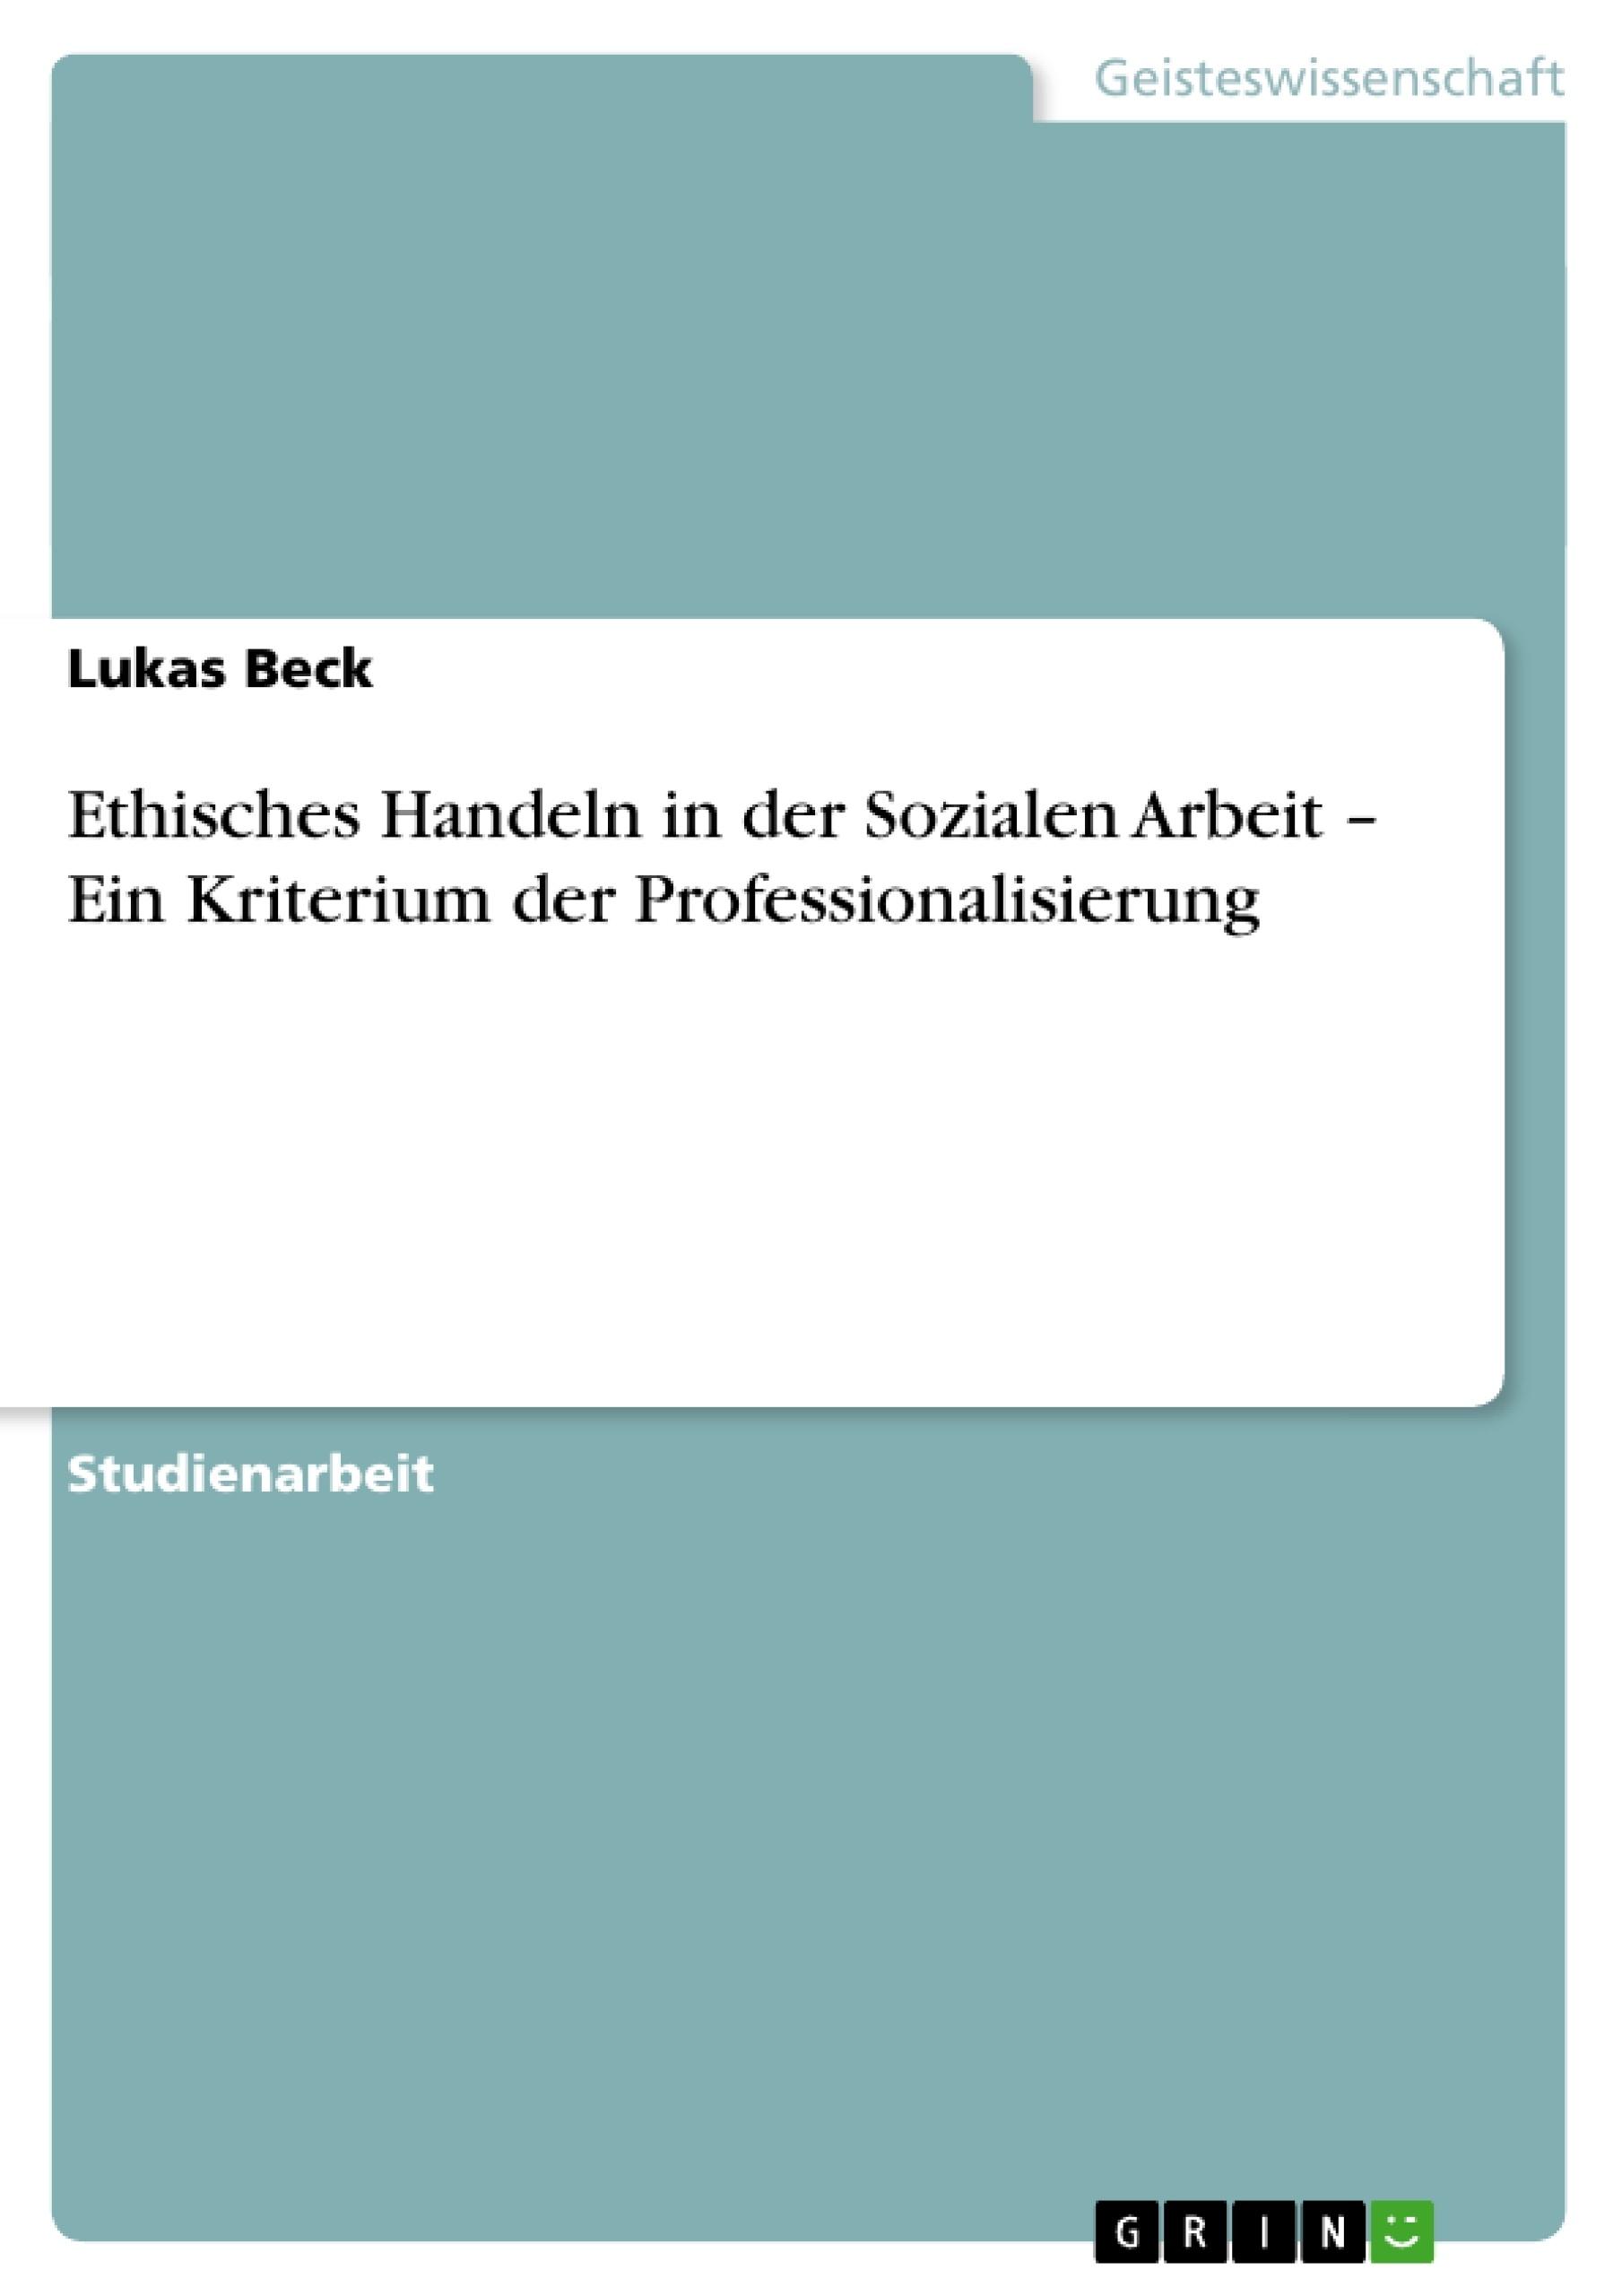 Titel: Ethisches Handeln in der Sozialen Arbeit – Ein Kriterium der Professionalisierung